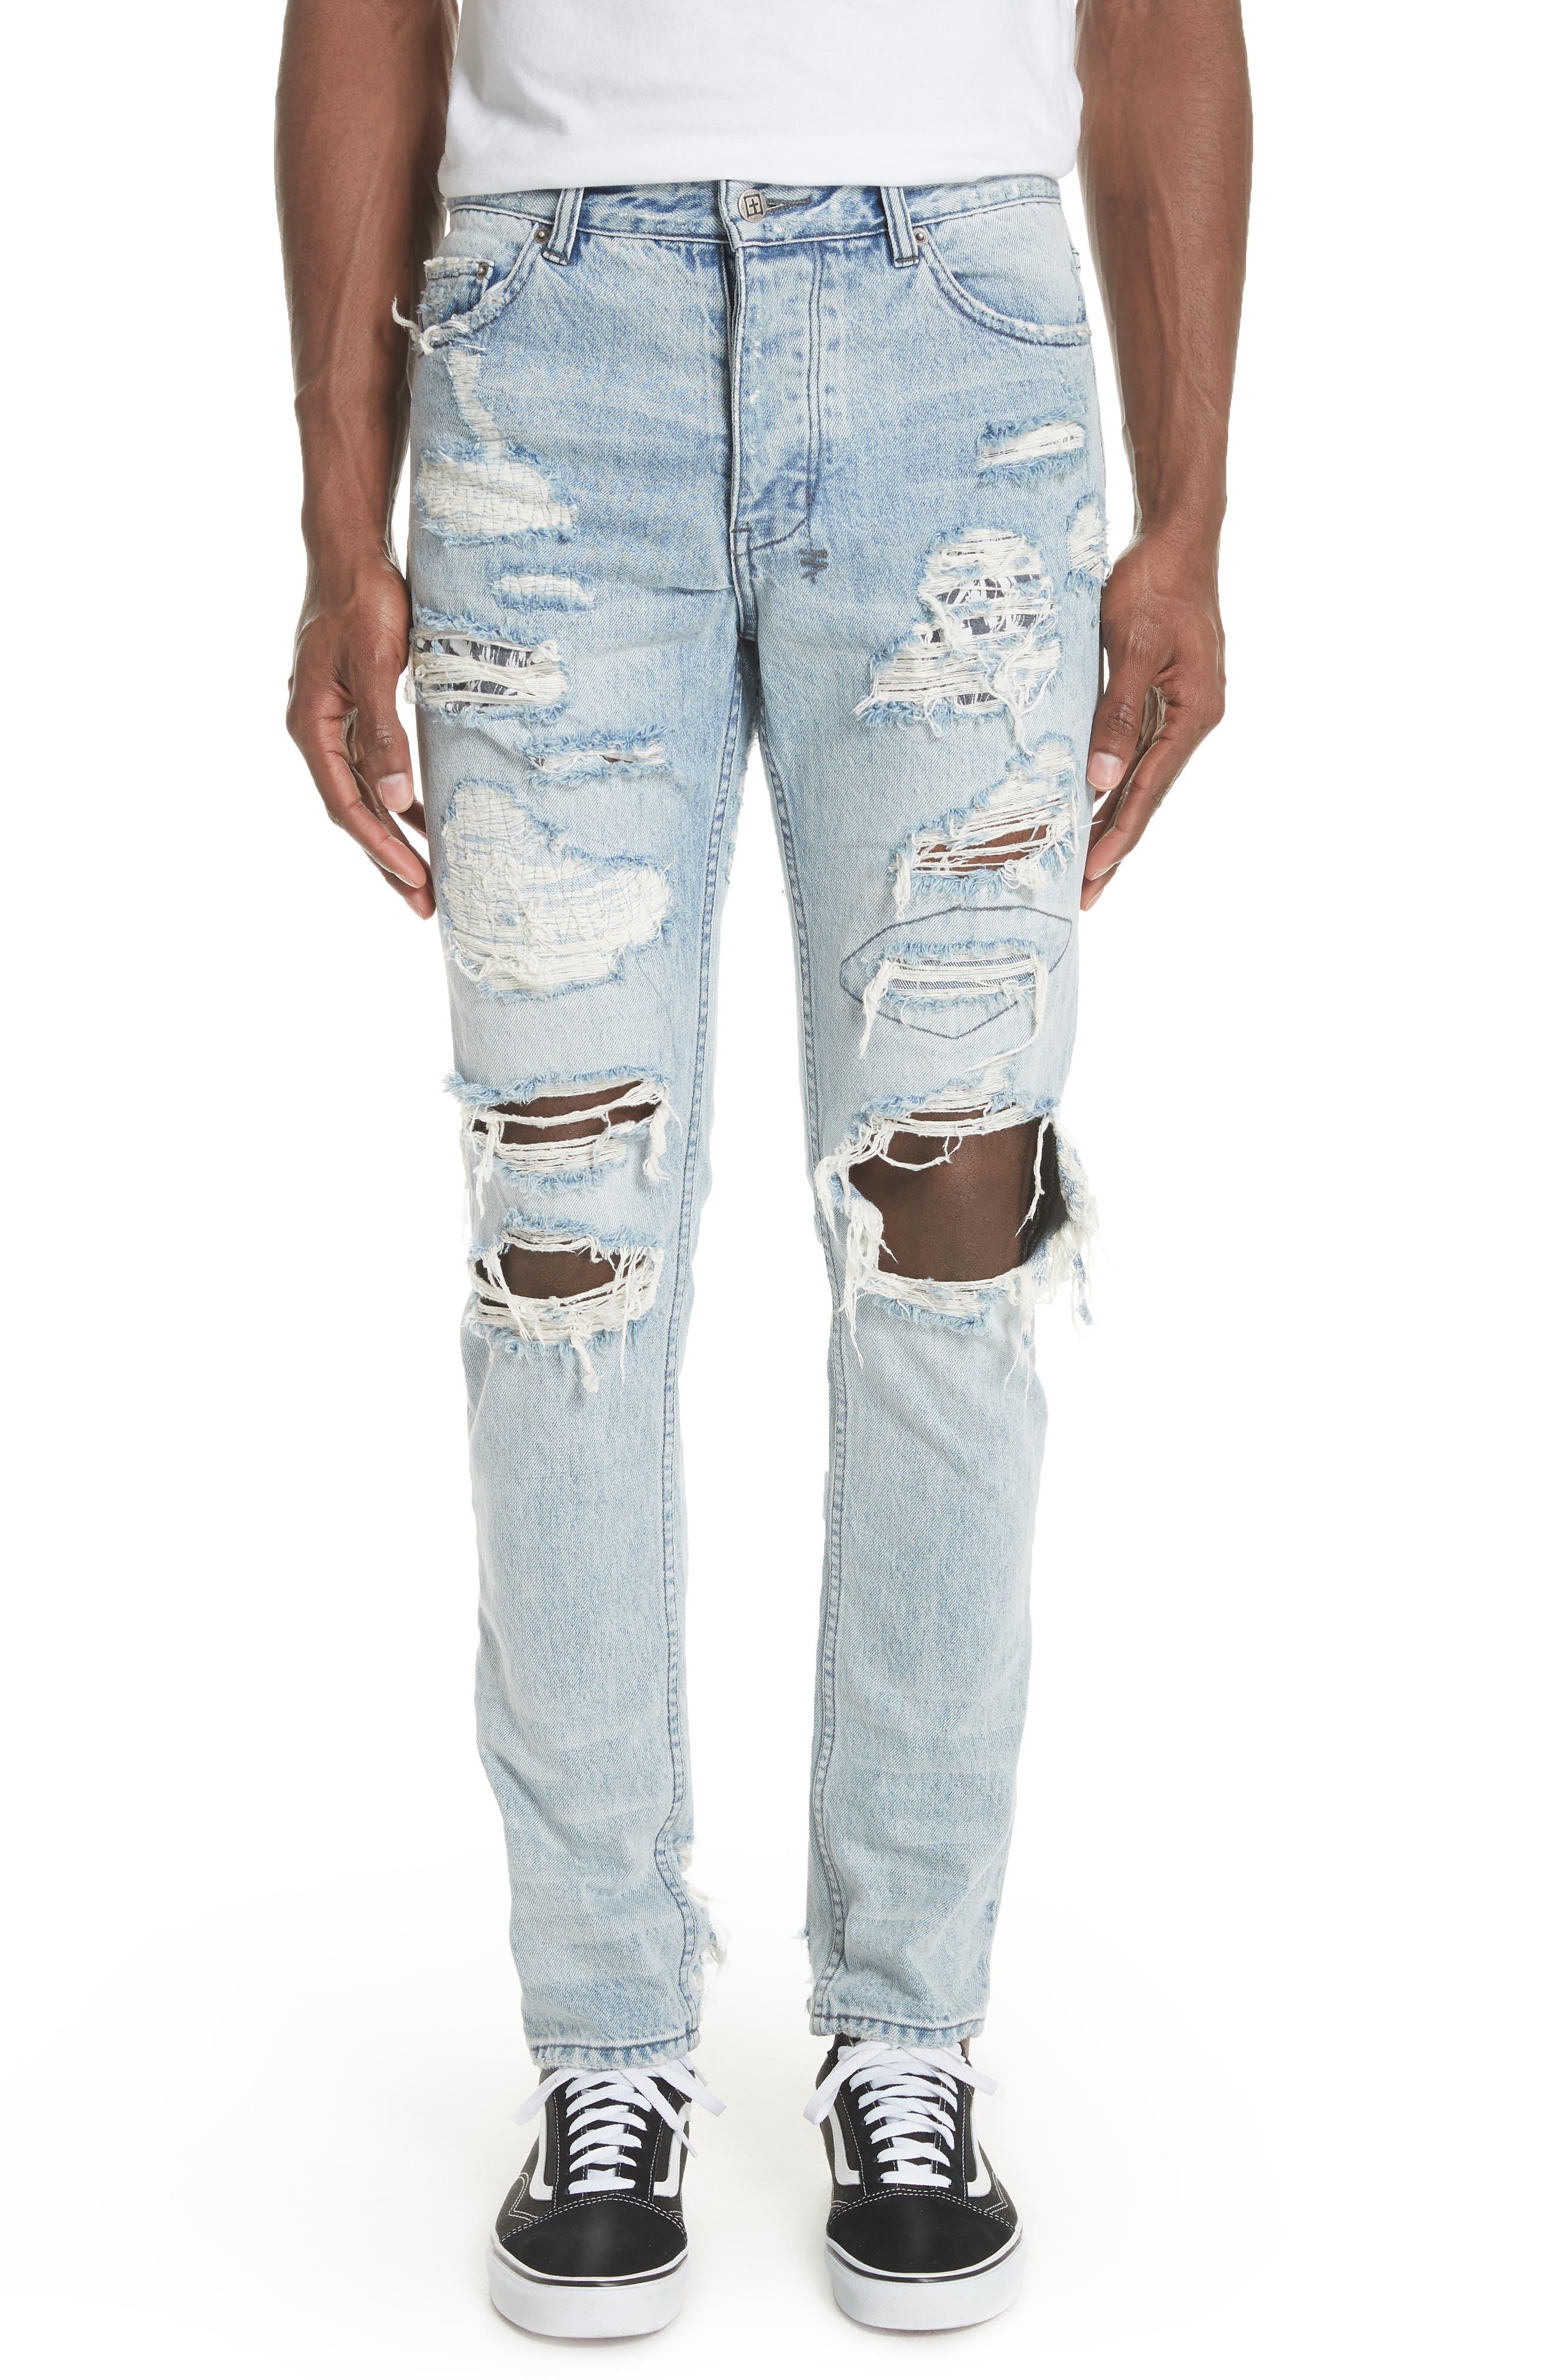 Chitch Tropo Trash Jeans,                         Main,                         color, 400